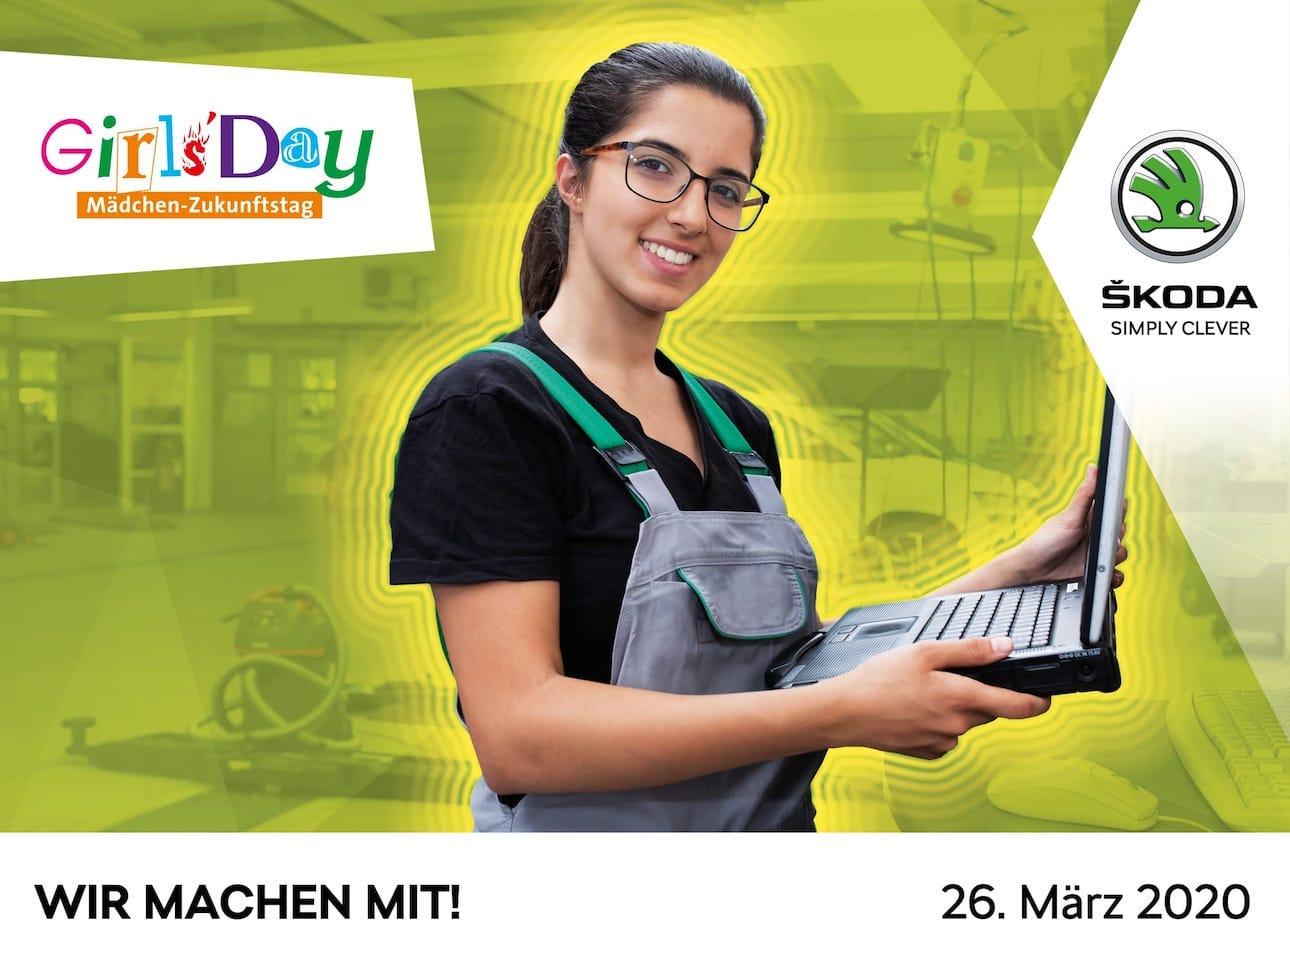 Image for Mädchen-Zukunftstag<br />26.03.2020